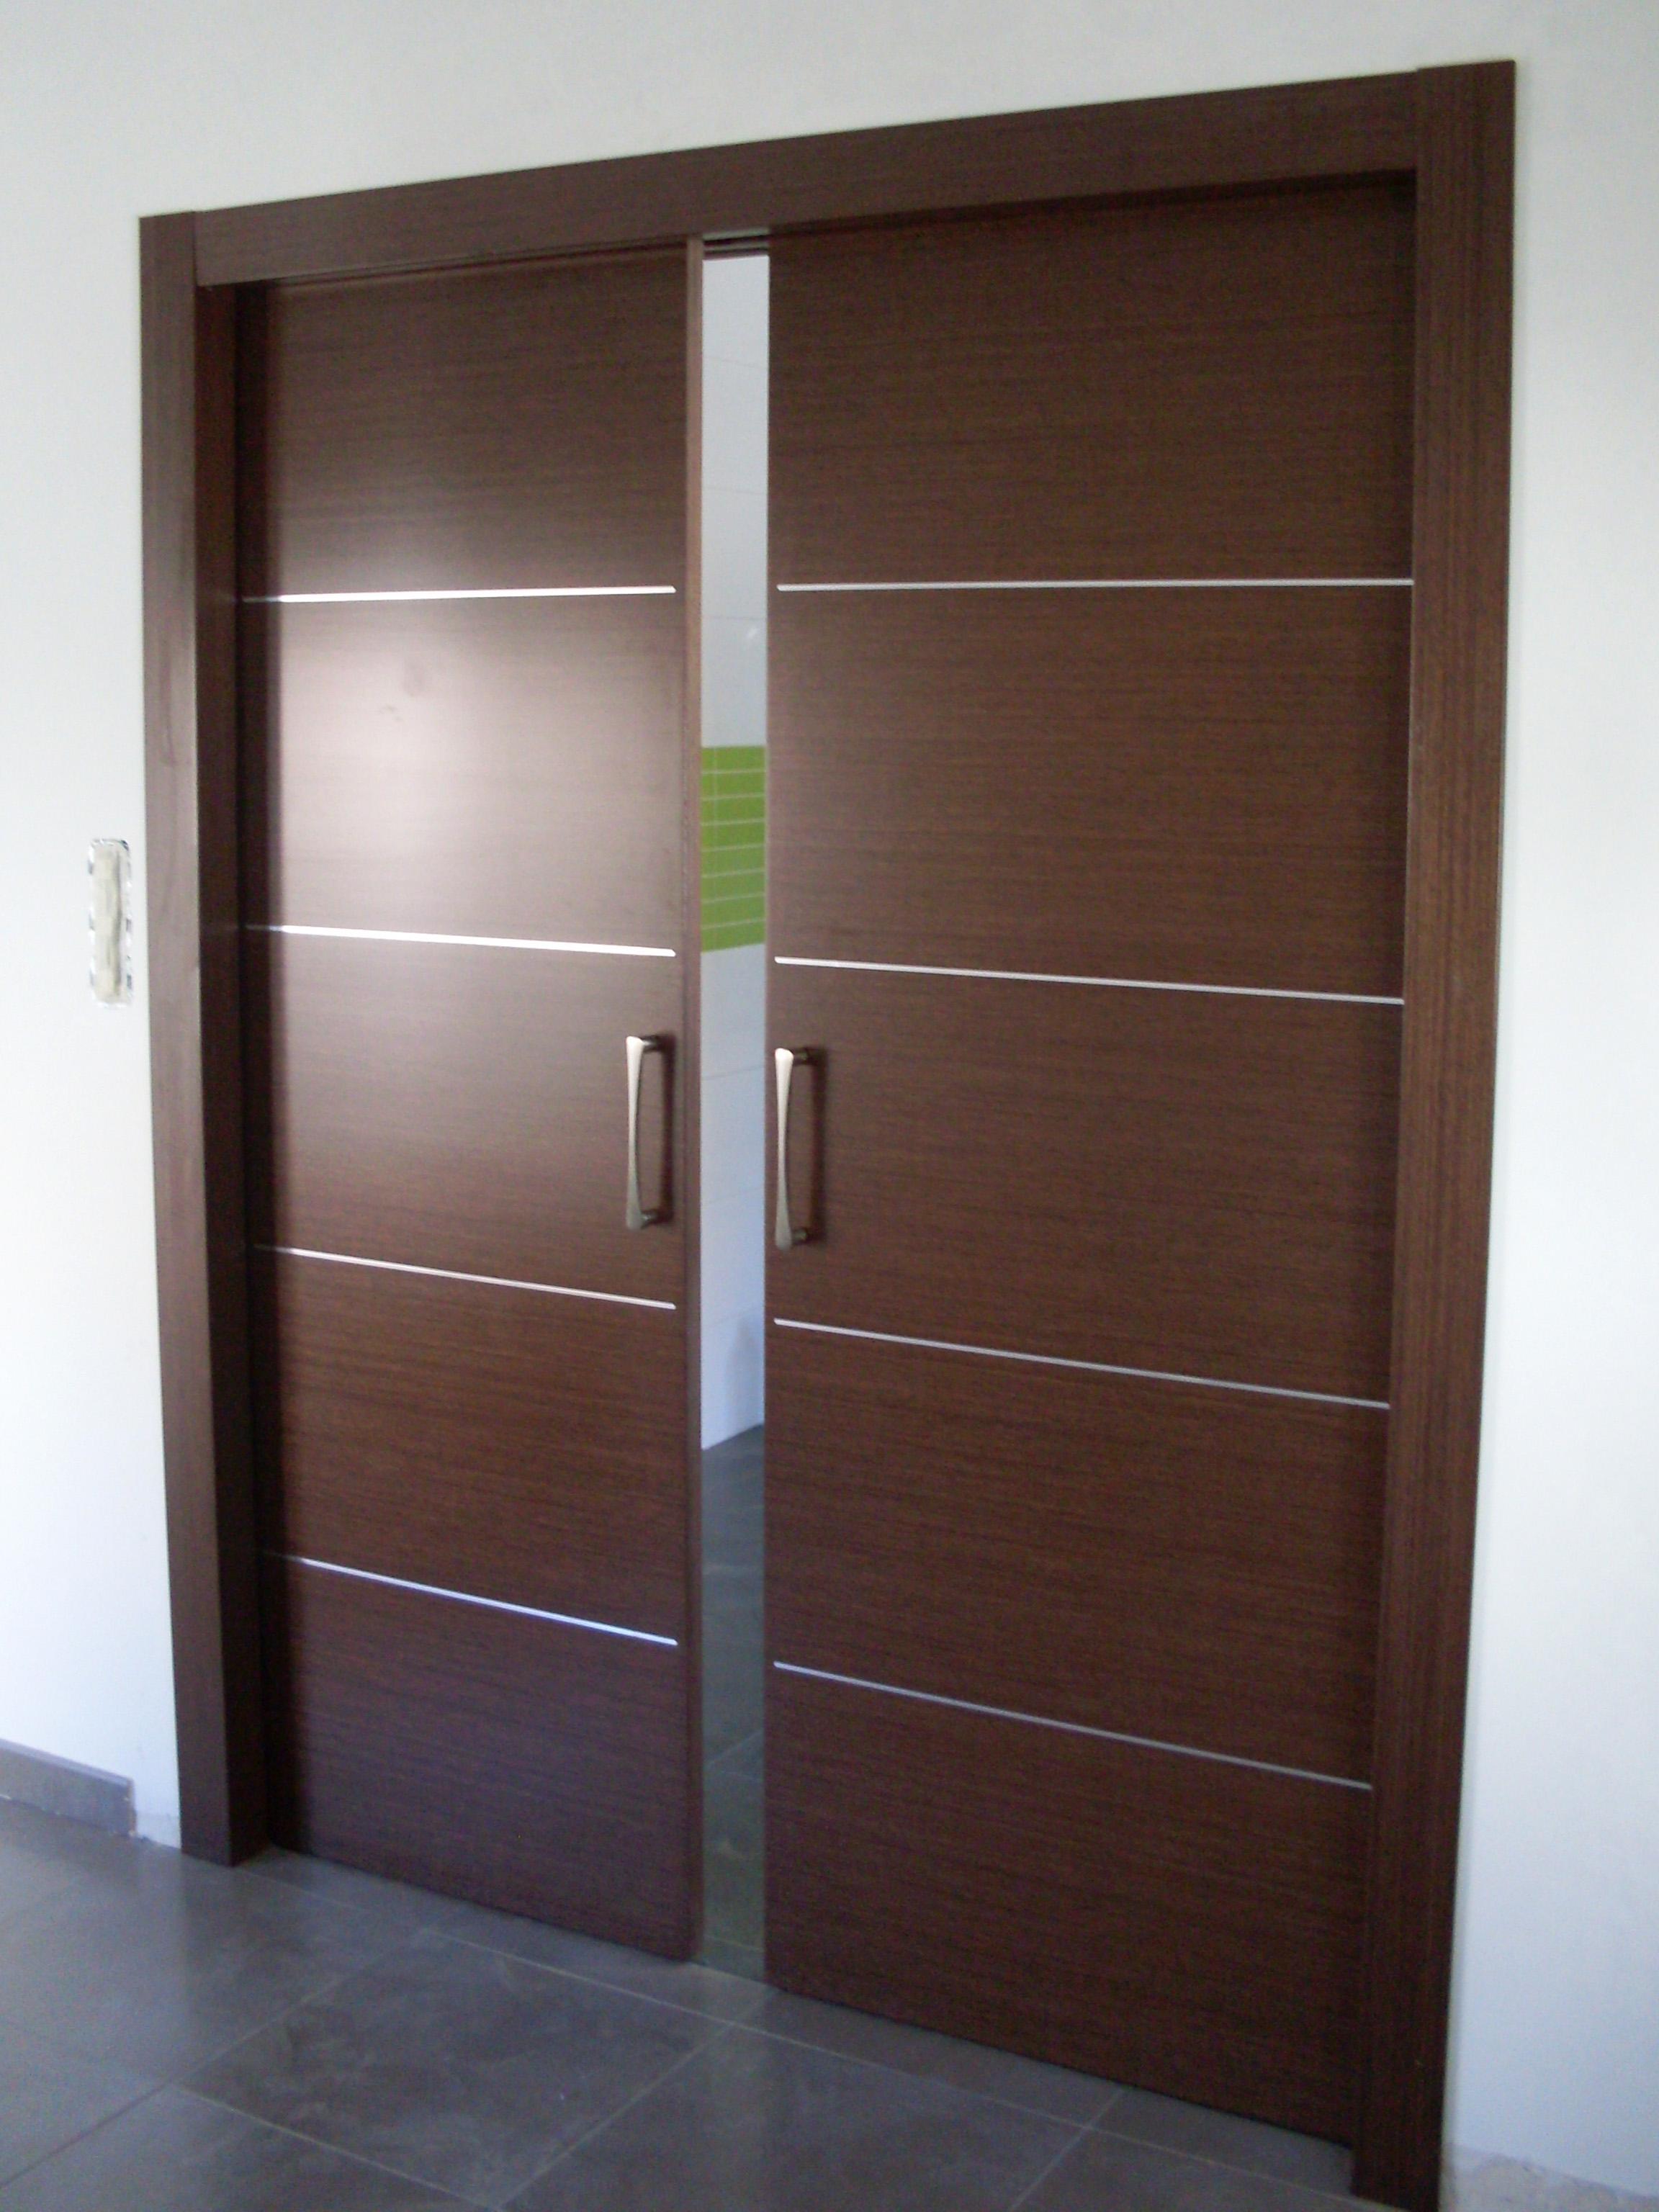 Le decoramos el interior de su vivienda puertas avenida for Puertas color wengue